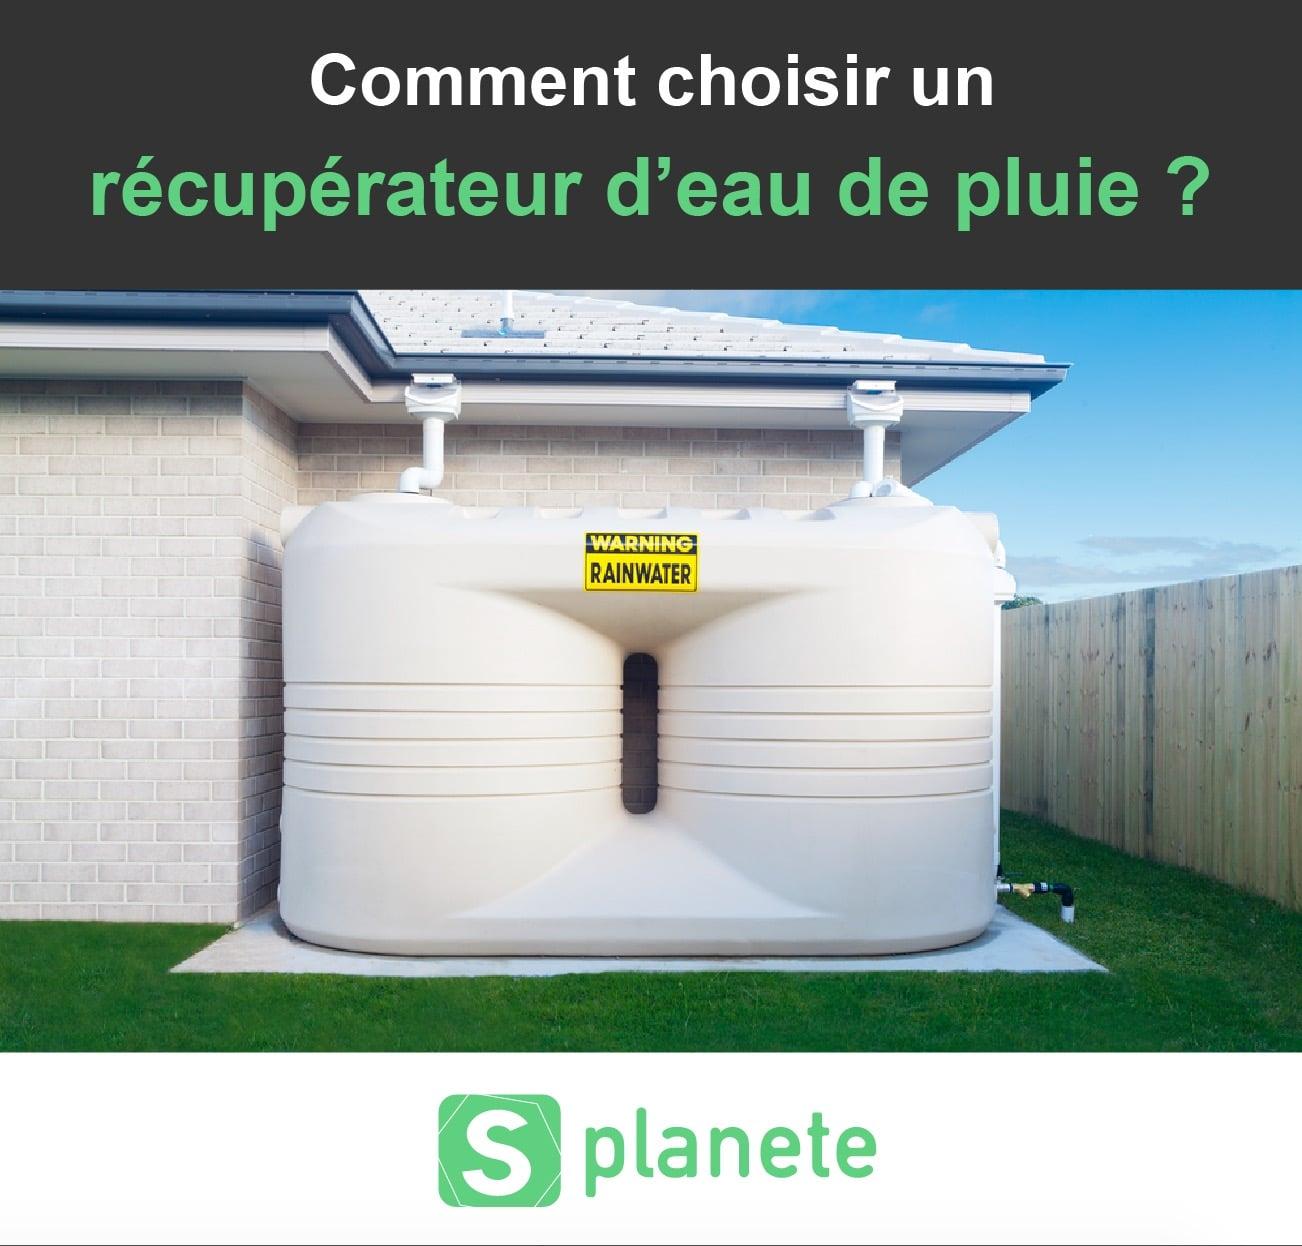 comment choisir un récupérateur d'eau